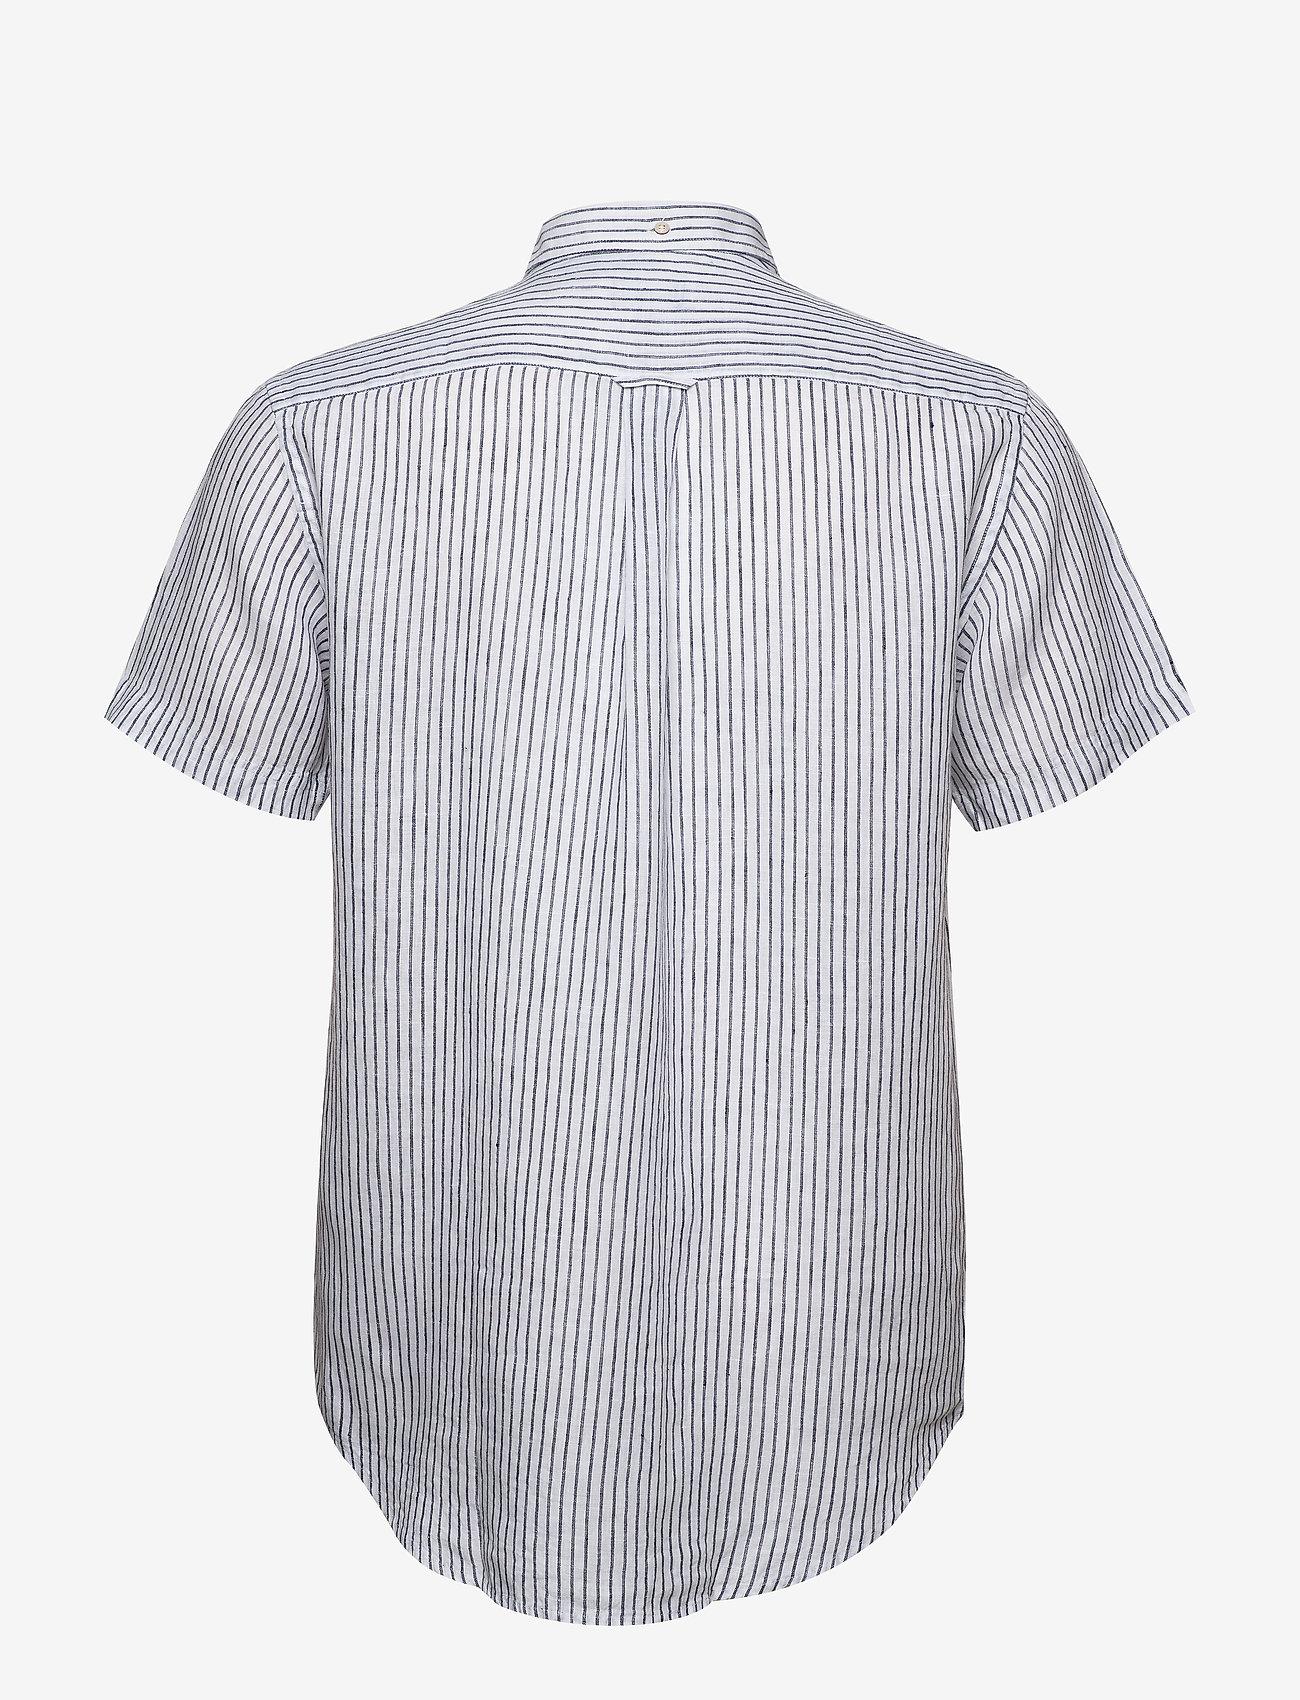 The Linen Stripe Reg Ss Bd (White) (900 kr) - GANT